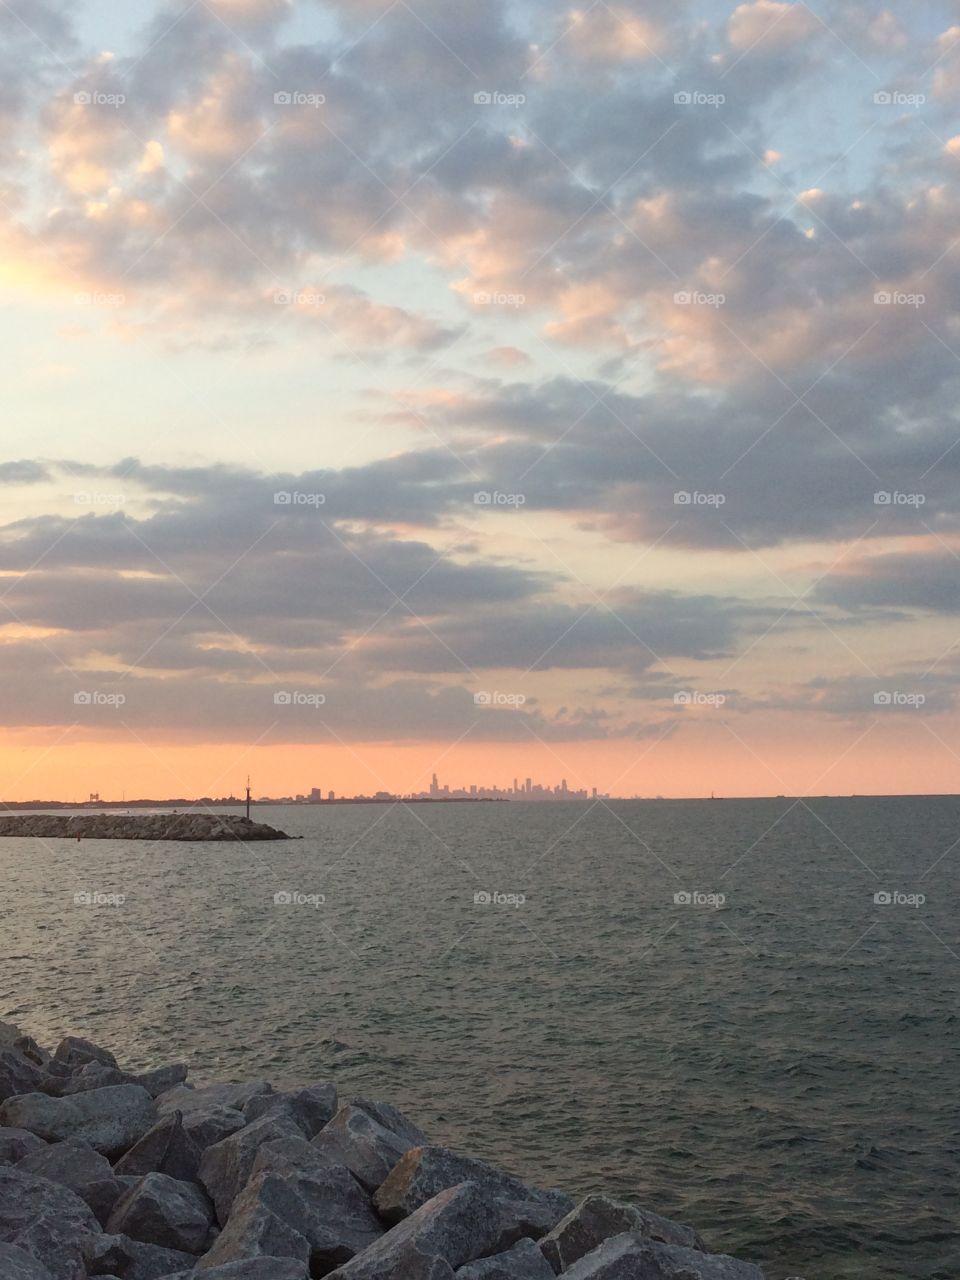 Skyline featuring Chicago